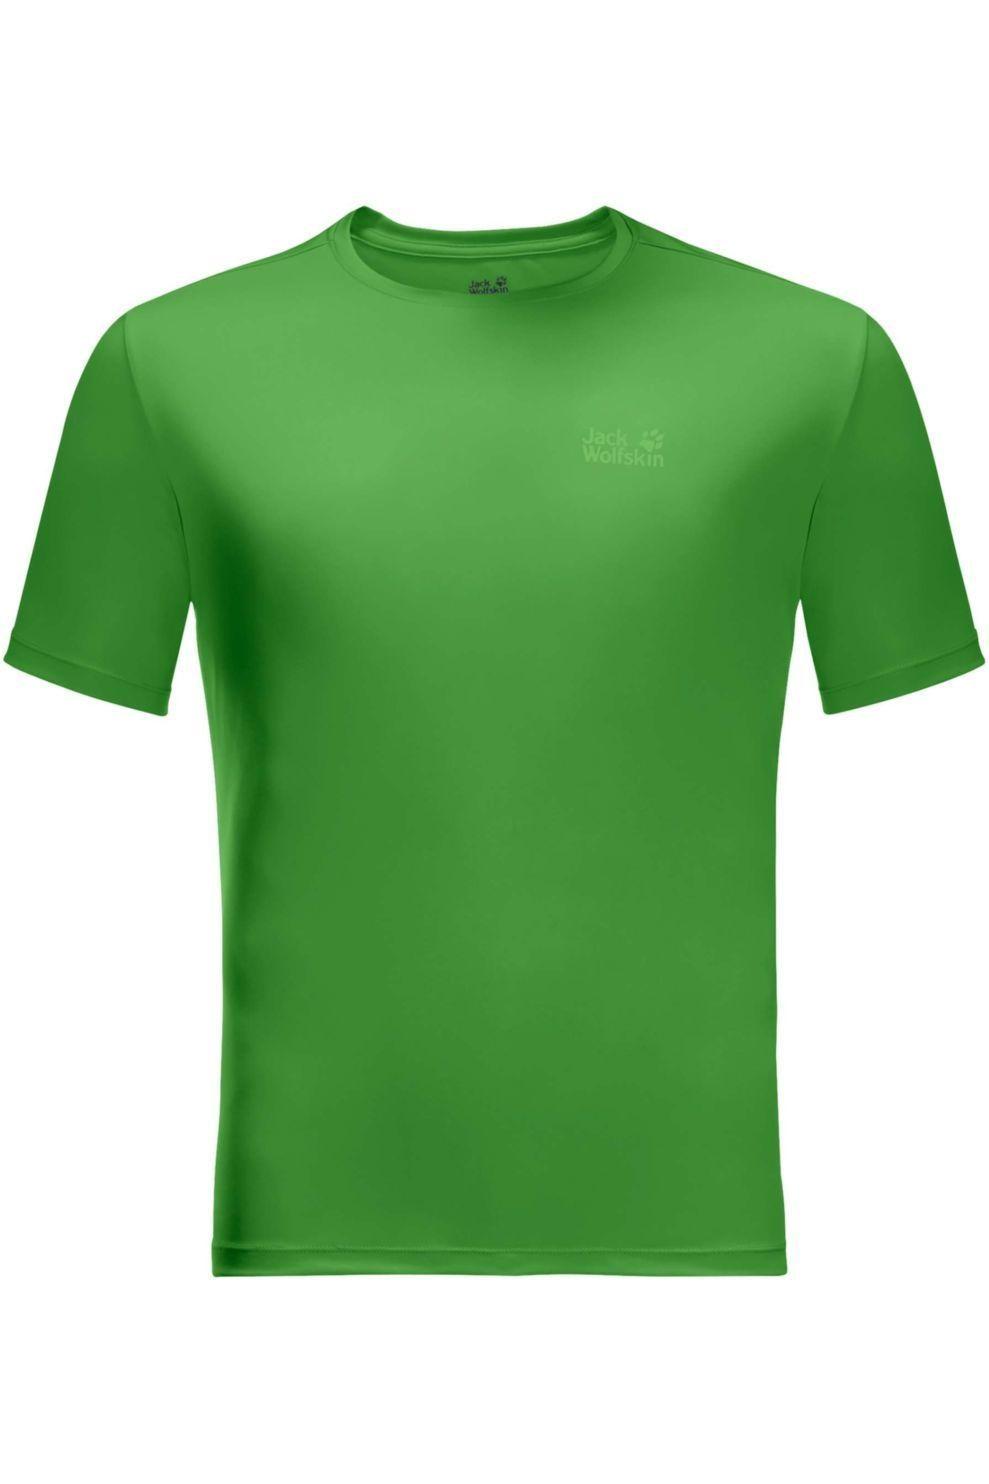 Jack Wolfskin T-Shirt Tech voor heren - Groen - Maten: S, M, L, XL, XXL, XXXL